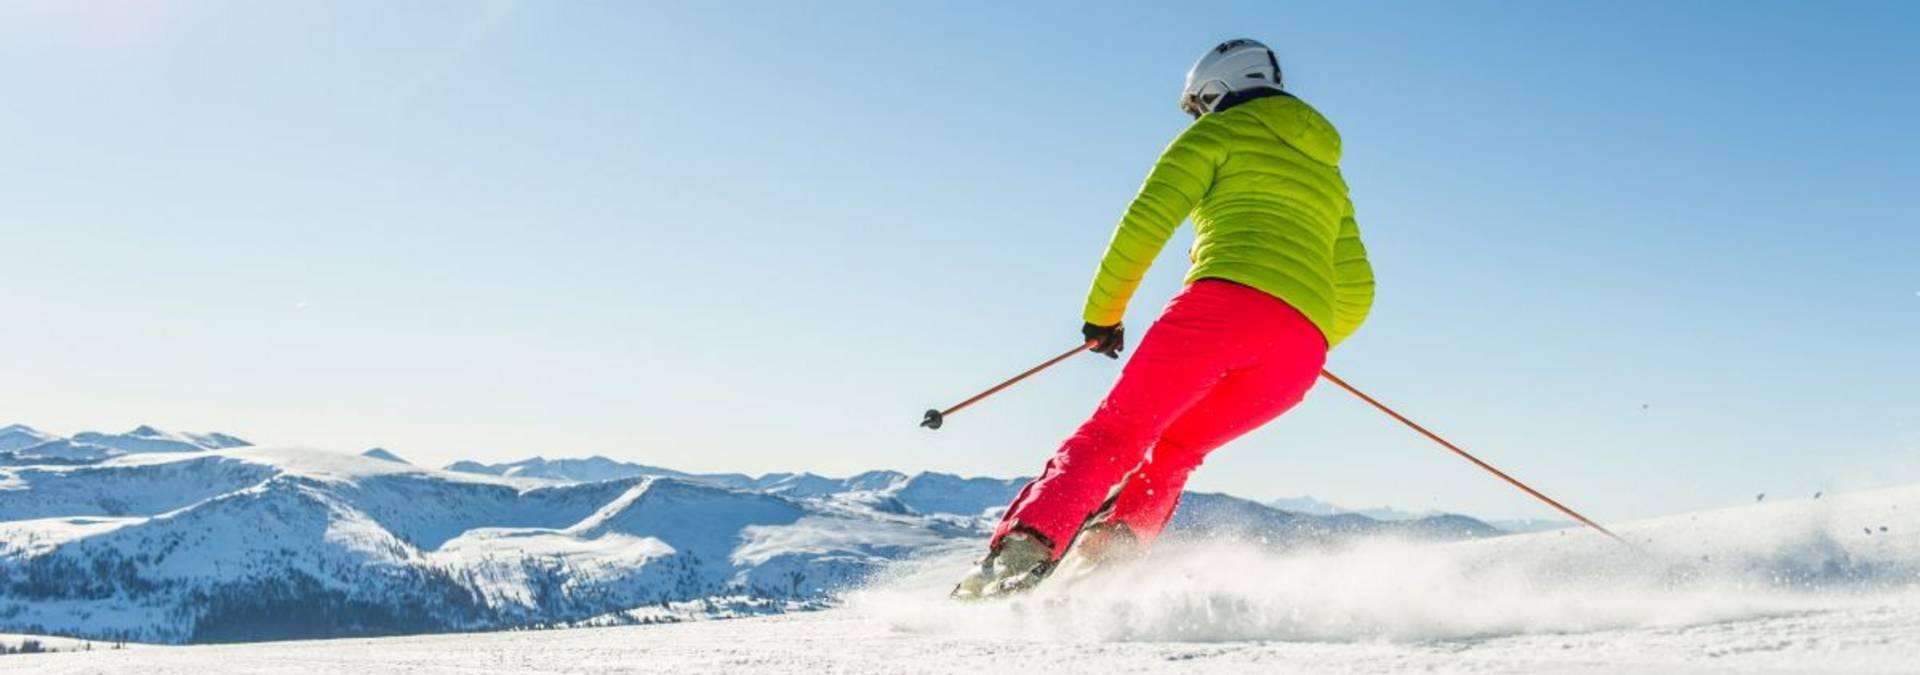 Skifahren im Winterurlaub in Österreich